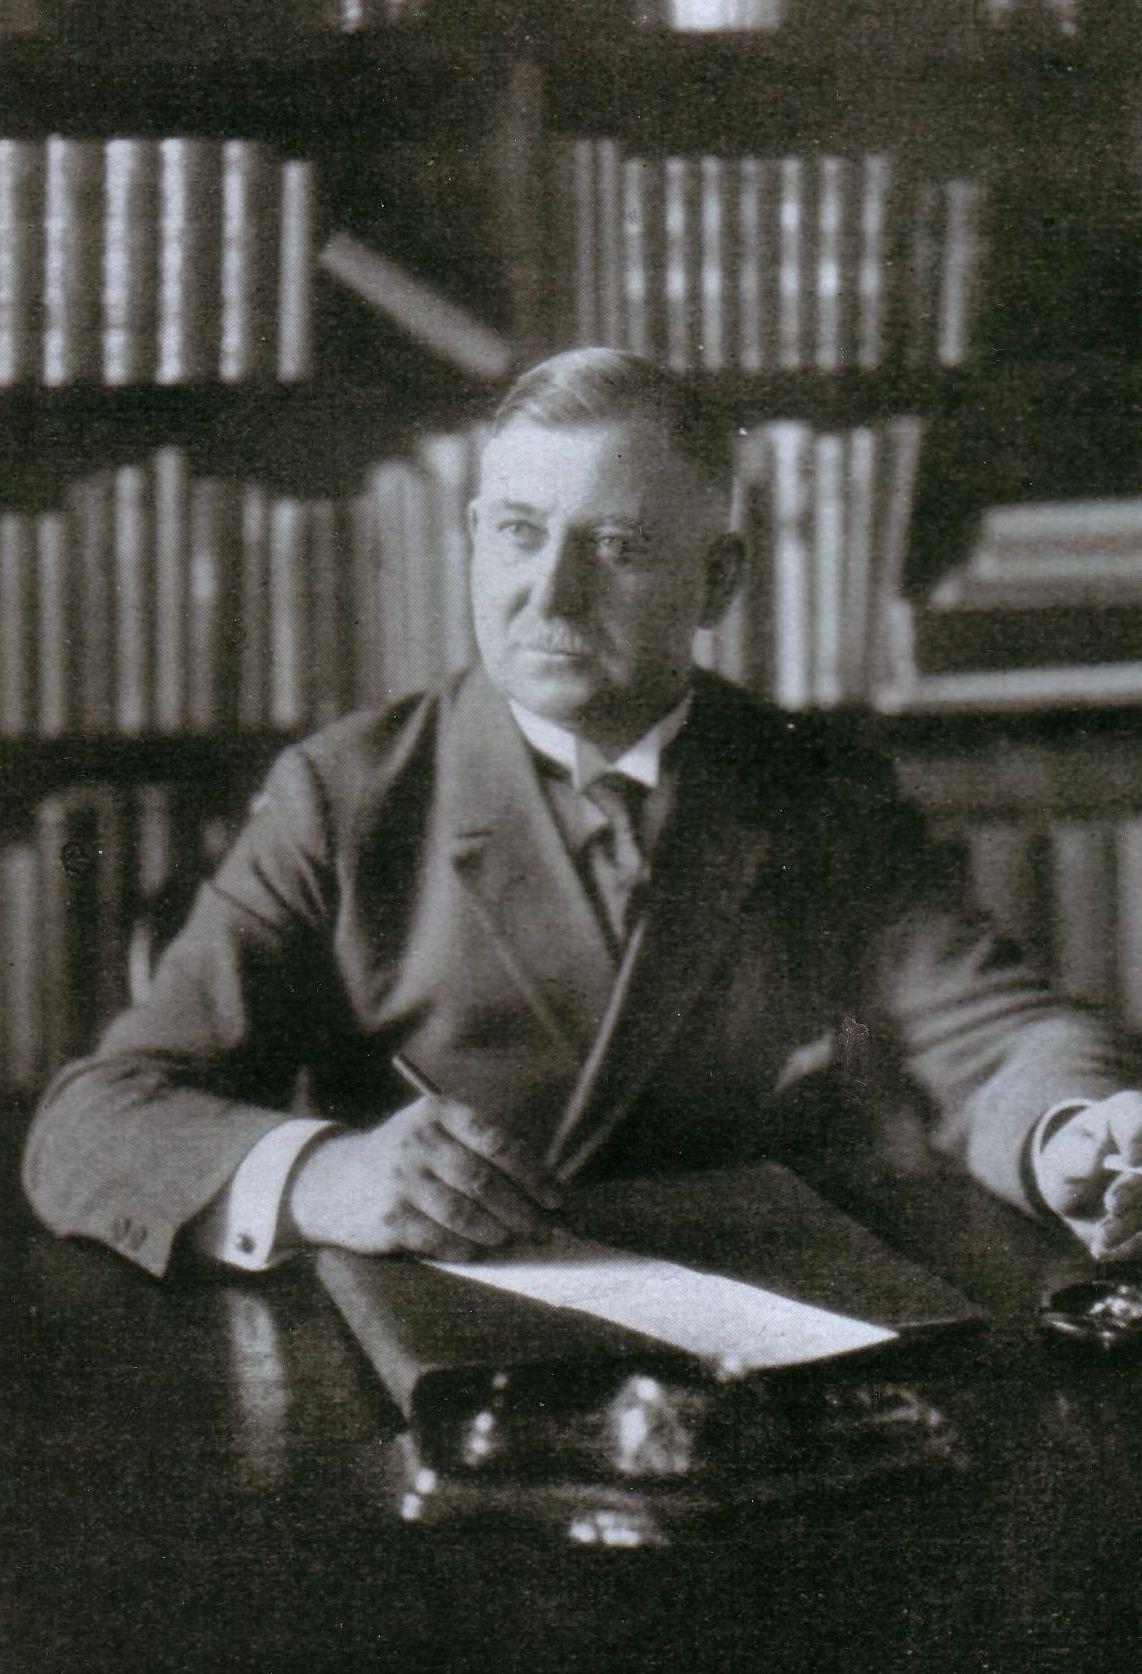 Август Винниг